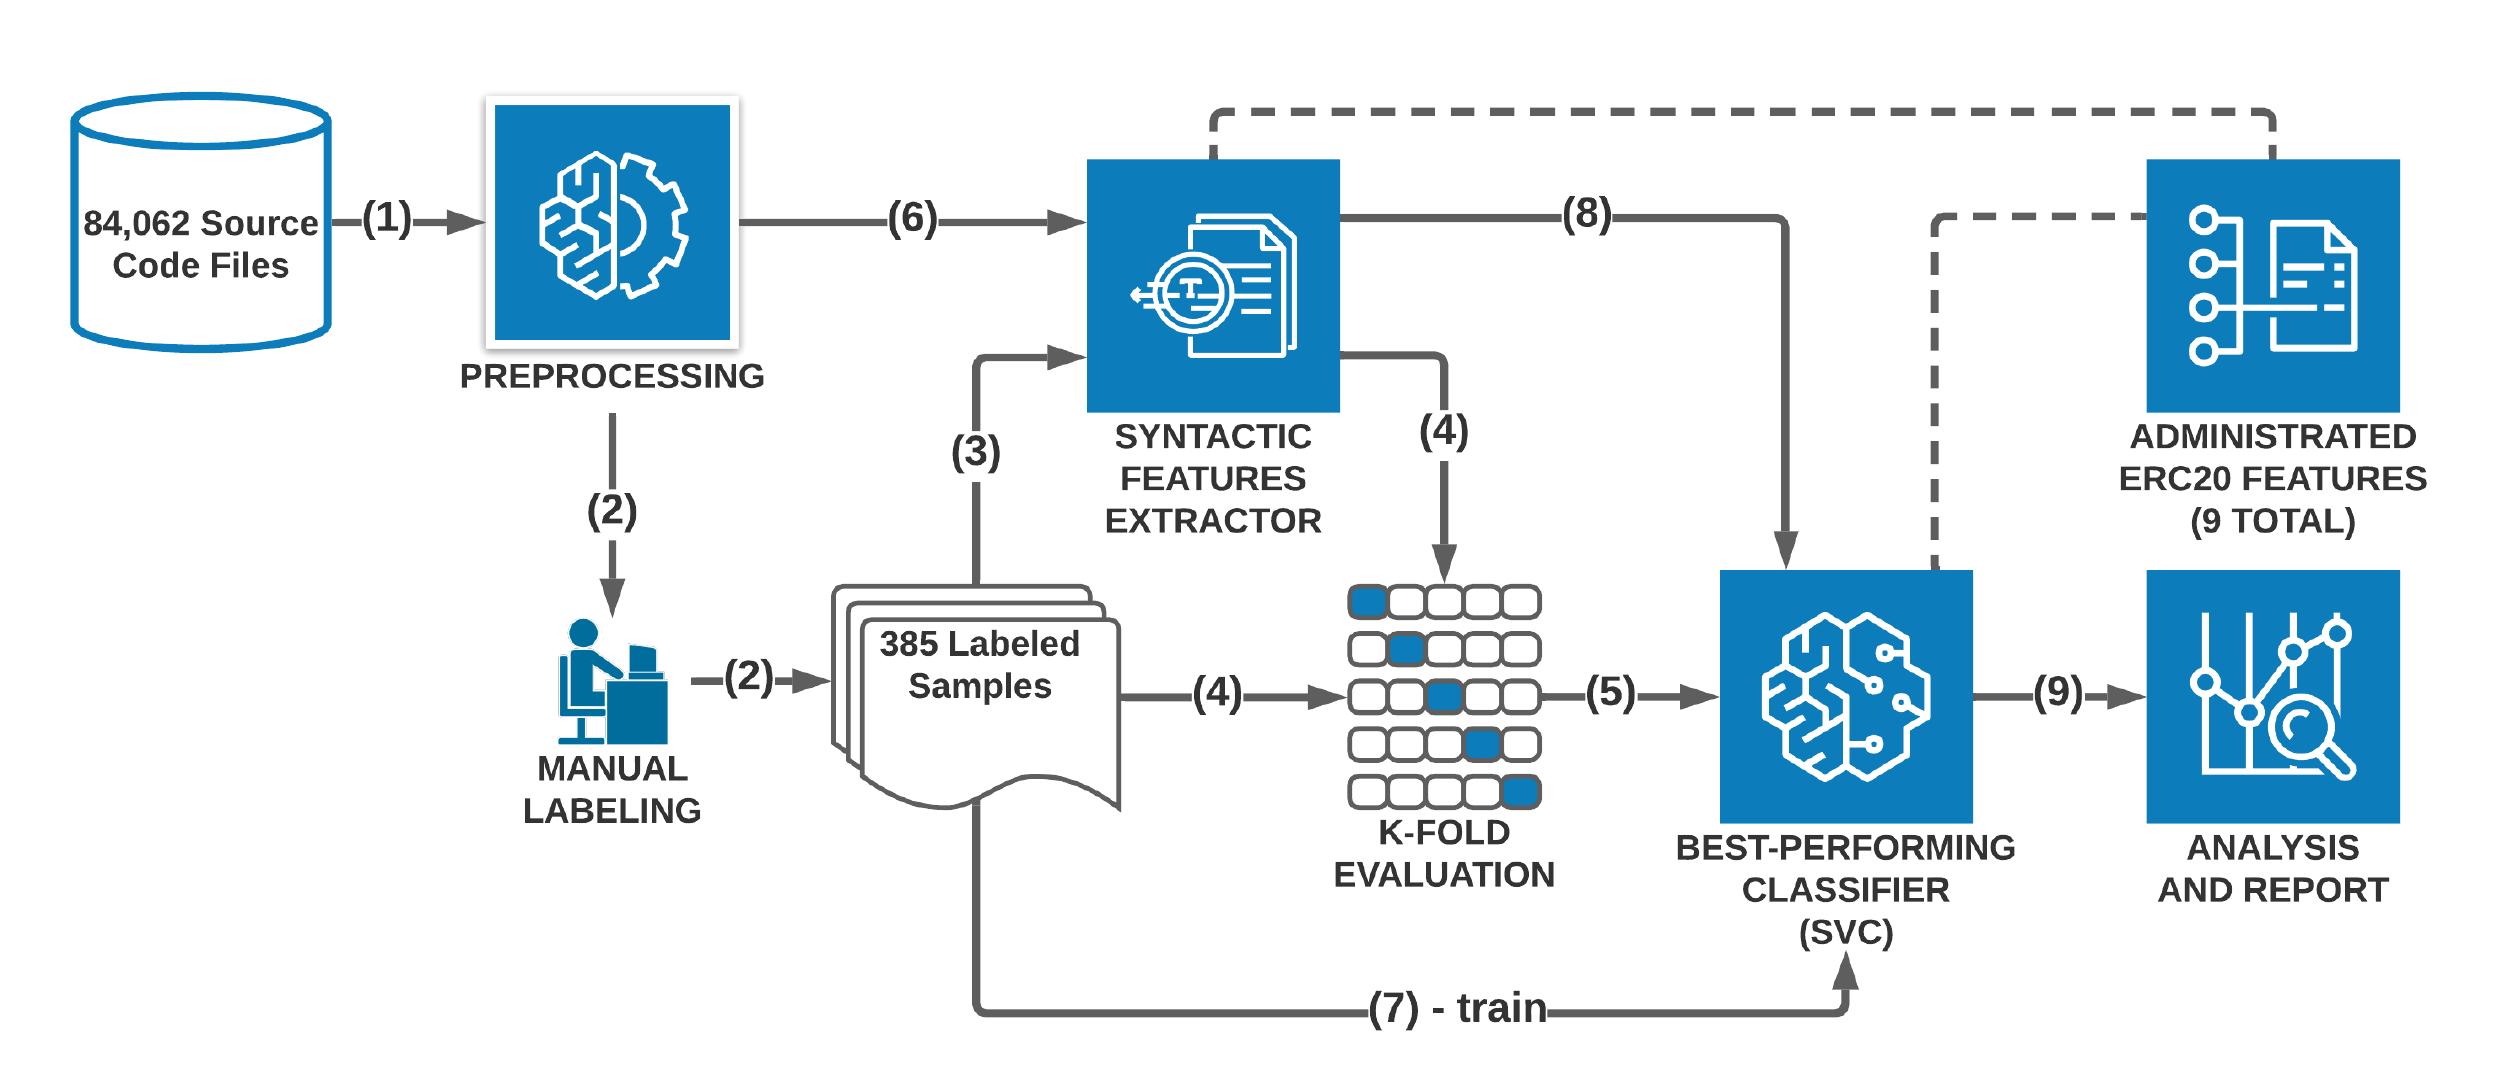 그림 4. Administrated ERC20 토큰 분석 과정에 대한 흐름